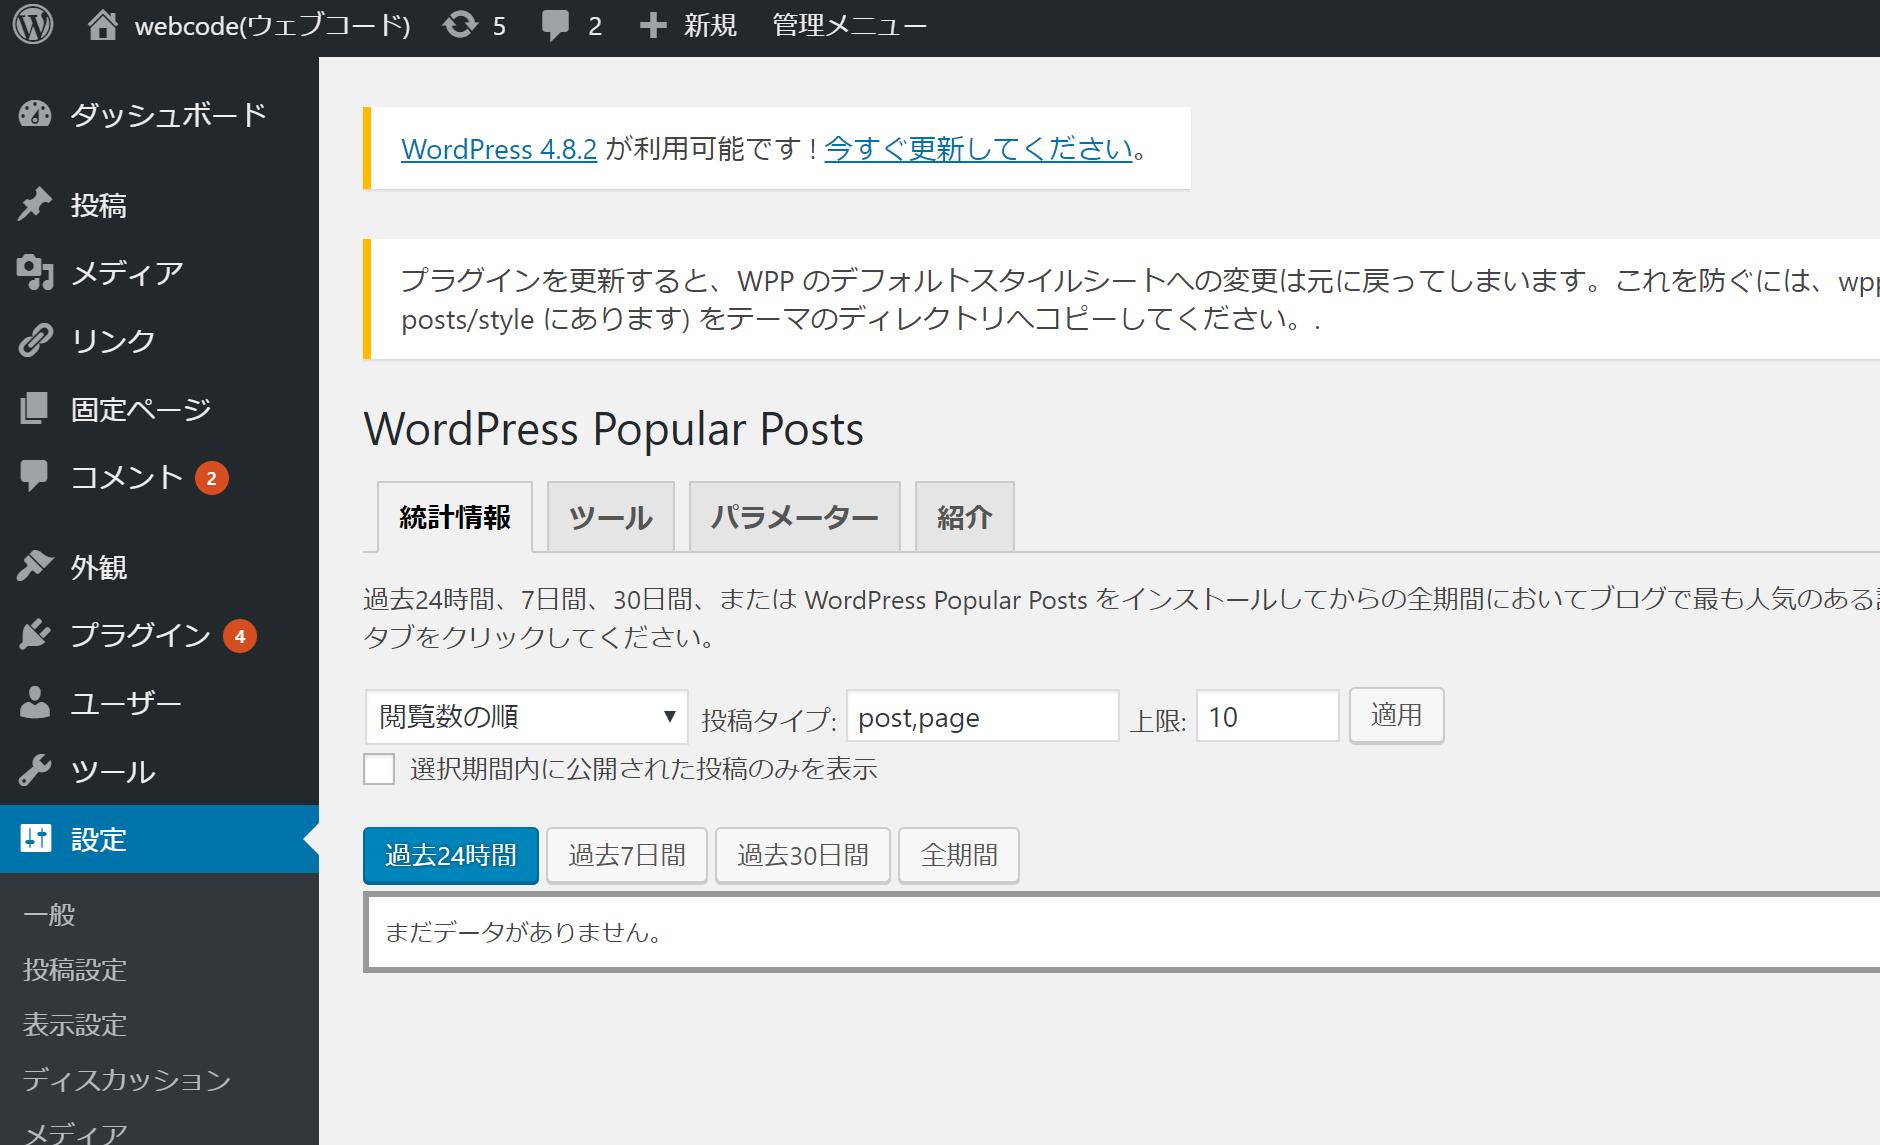 popular post setting - WordPressでブログの始め方!初心者におすすめのサーバー・ドメイン・テーマも紹介